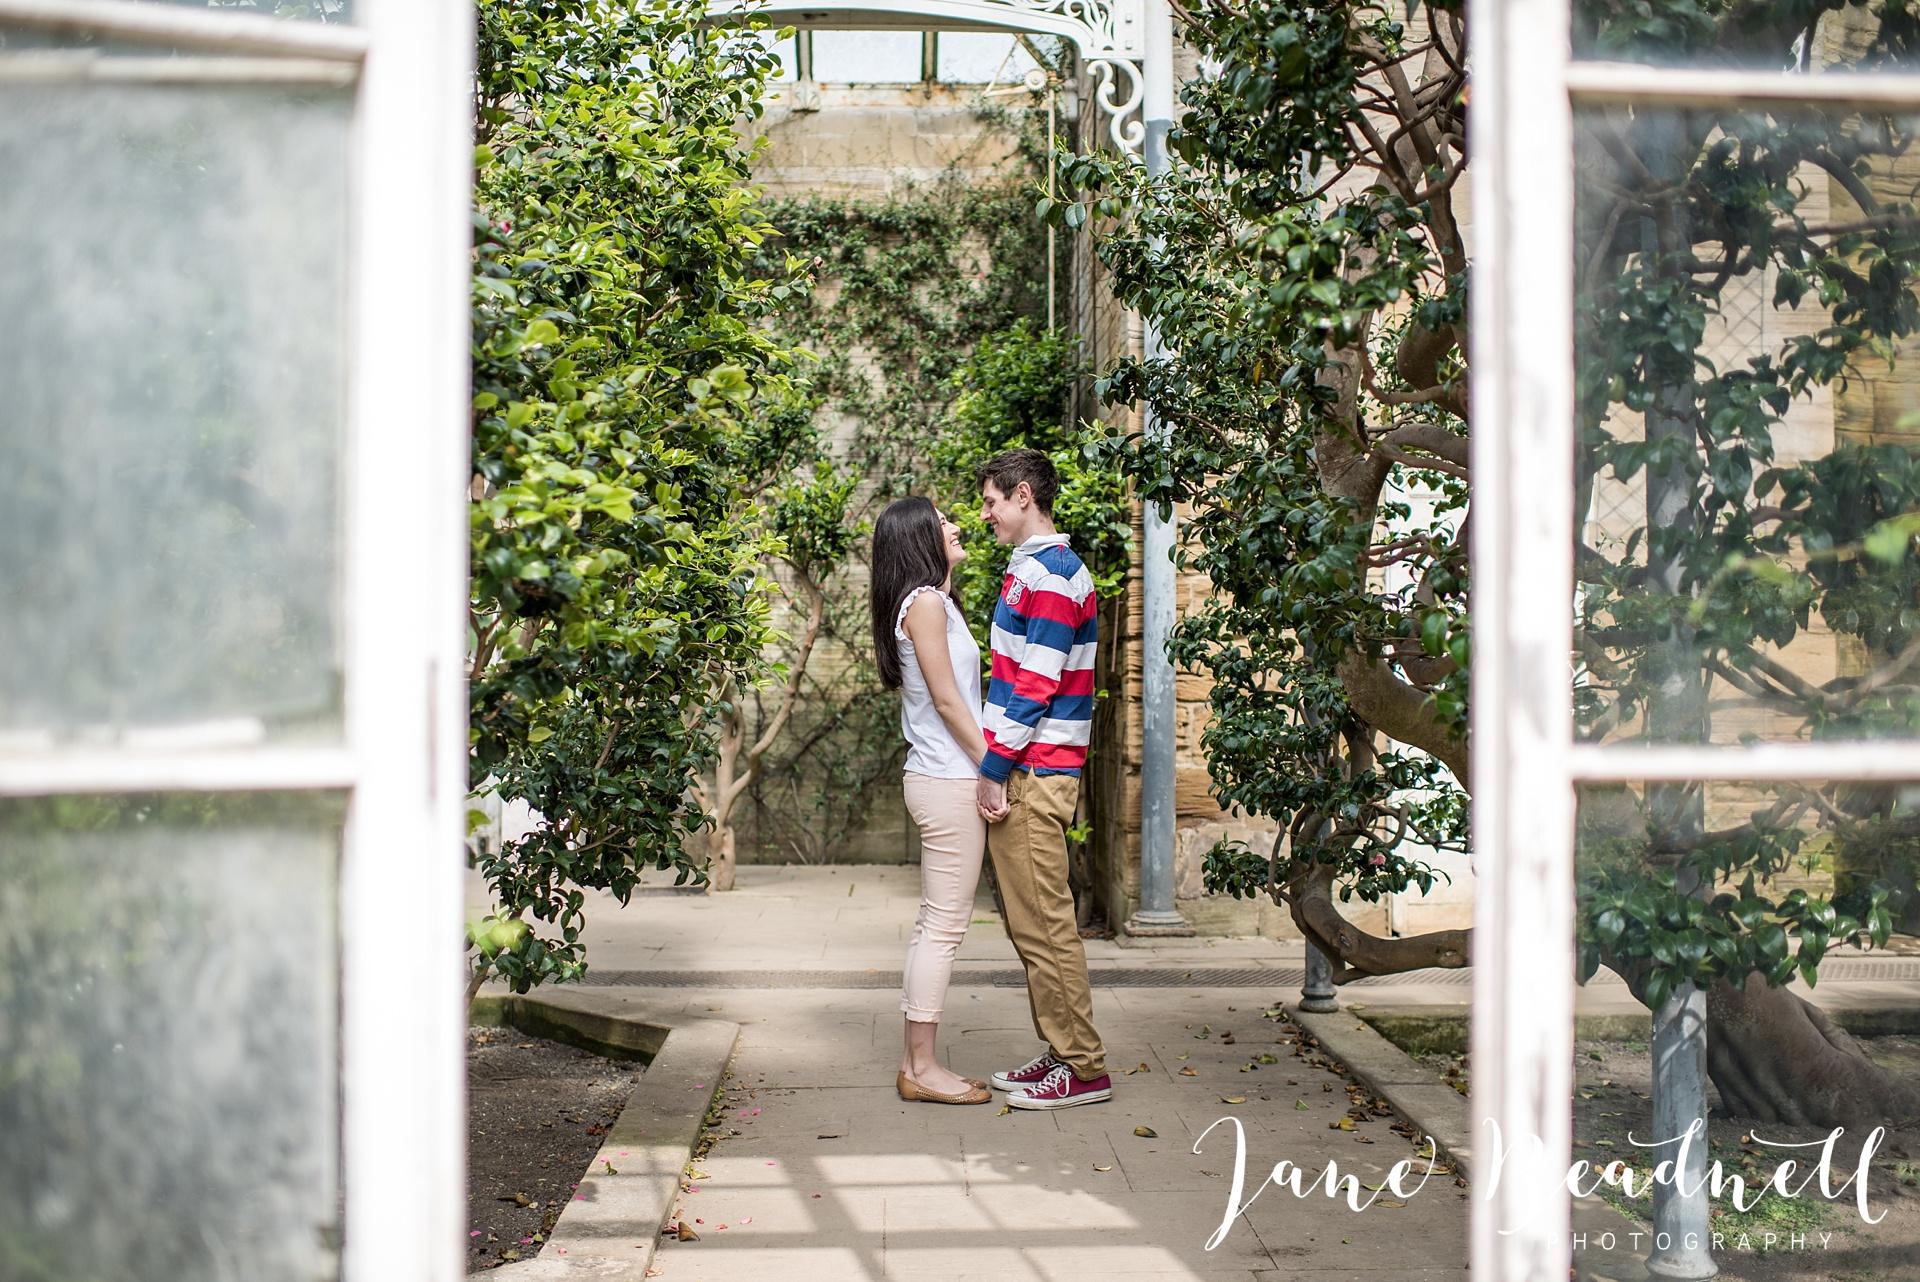 Yorkshire Sculpture Park Engagement Shoot Leeds wedding photographer Jane Beadnell_0027